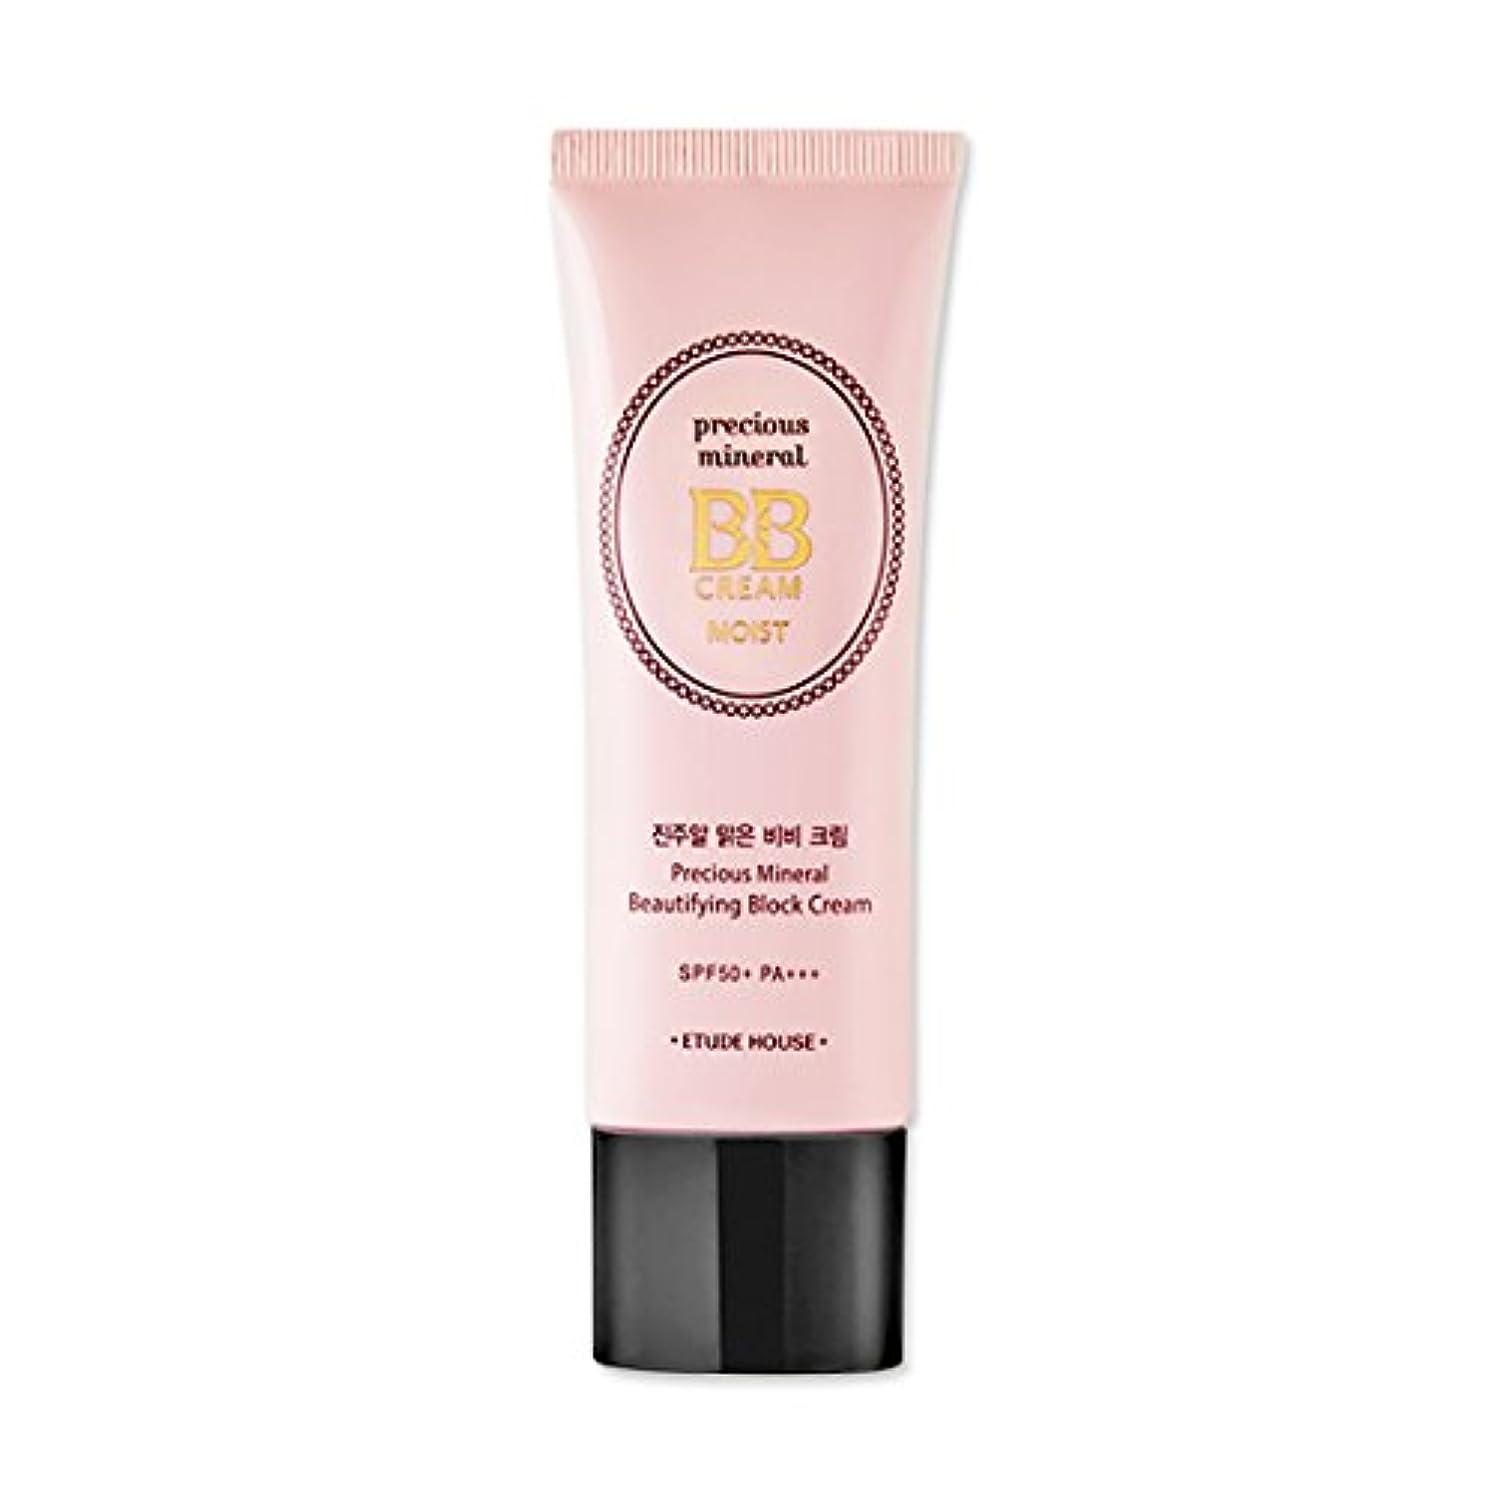 交通渋滞アパル収まる[New] ETUDE HOUSE Precious Mineral BB Cream * Moist * 45g/エチュードハウス プレシャス ミネラル BBクリーム * モイスト * 45g (#Beige) [並行輸入品]